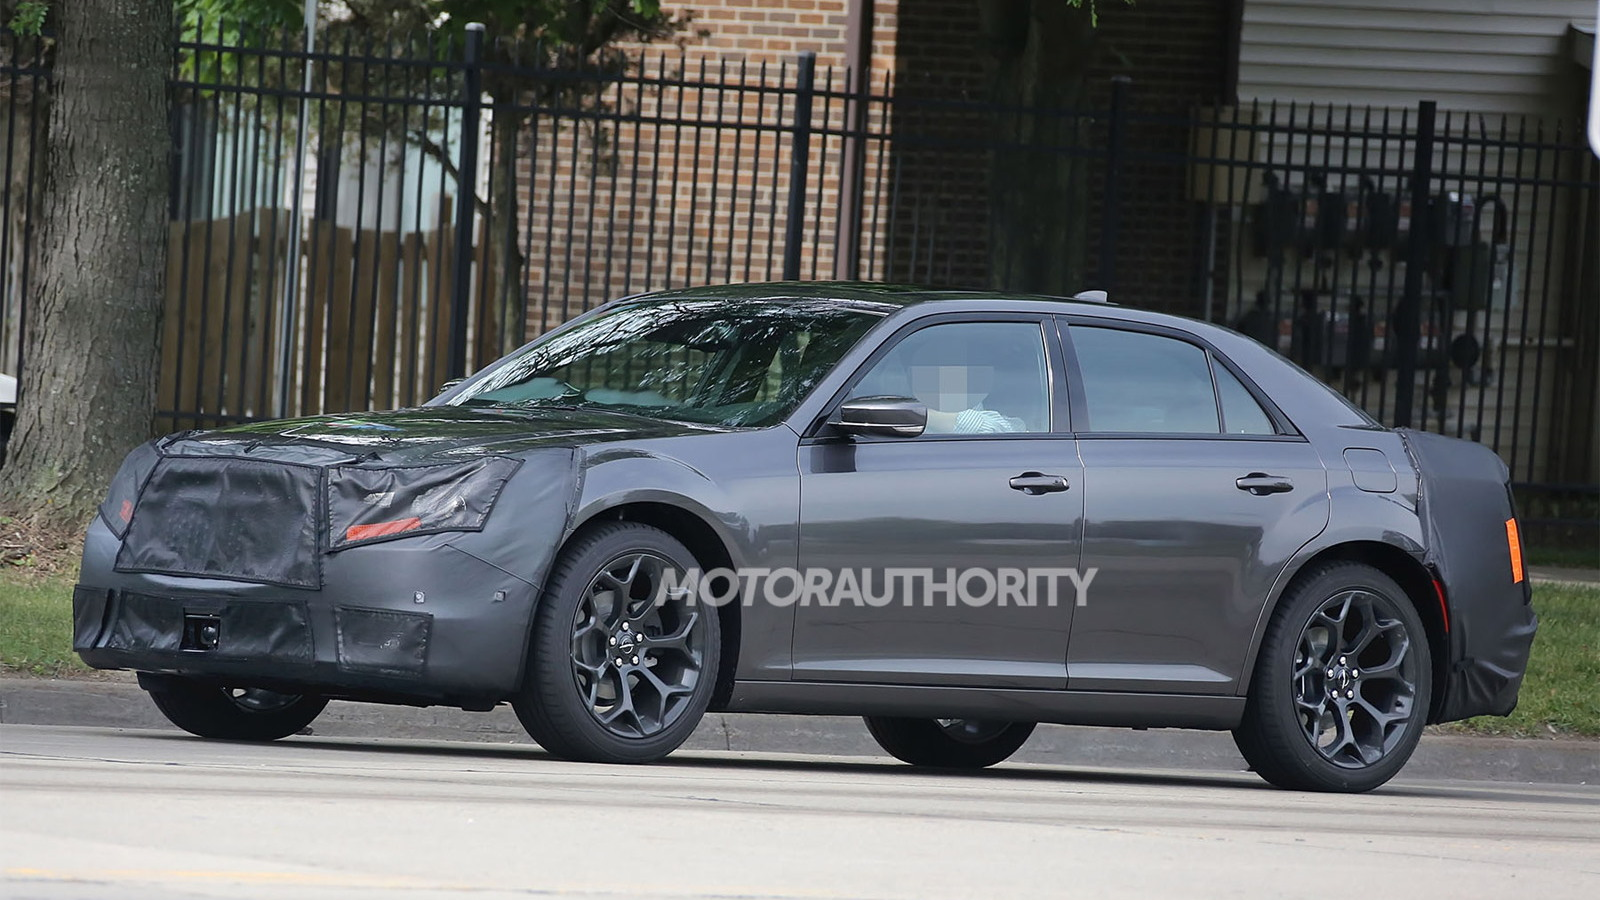 2015 Chrysler 300 facelift spy shots